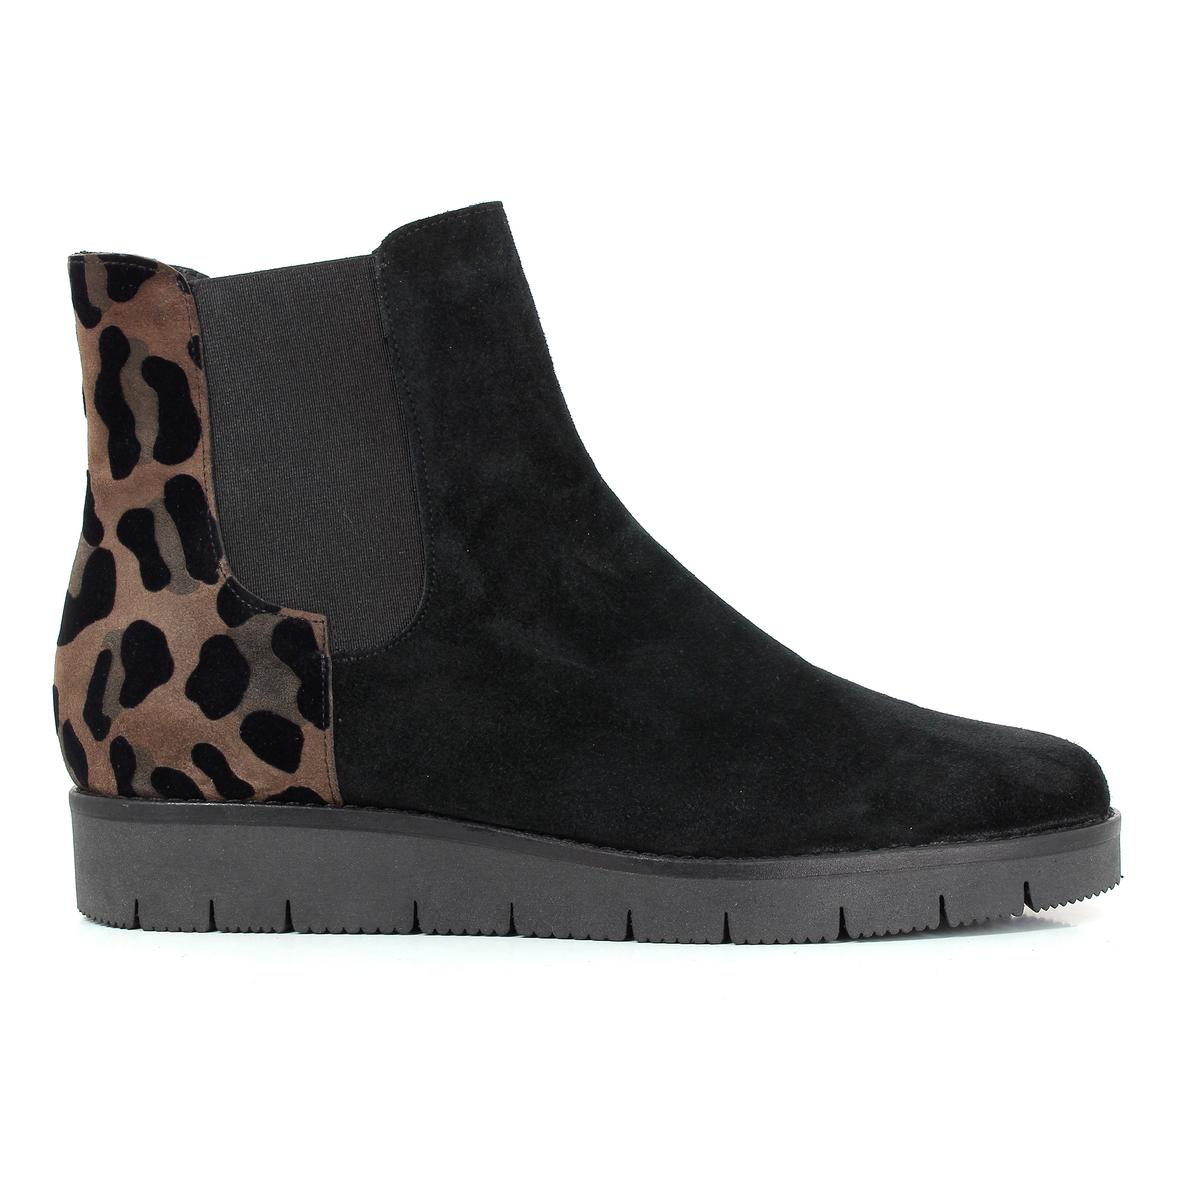 Ботинки кожаные, ATOUПодкладка: Кожа.Стелька: Кожа.Подошва: Синтетический материал.    Высота голенища: 17 см.Форма каблука: Плоская.    Мысок: Круглый.     Застежка: Без застежки.<br><br>Цвет: Черный/рыжий<br>Размер: 39